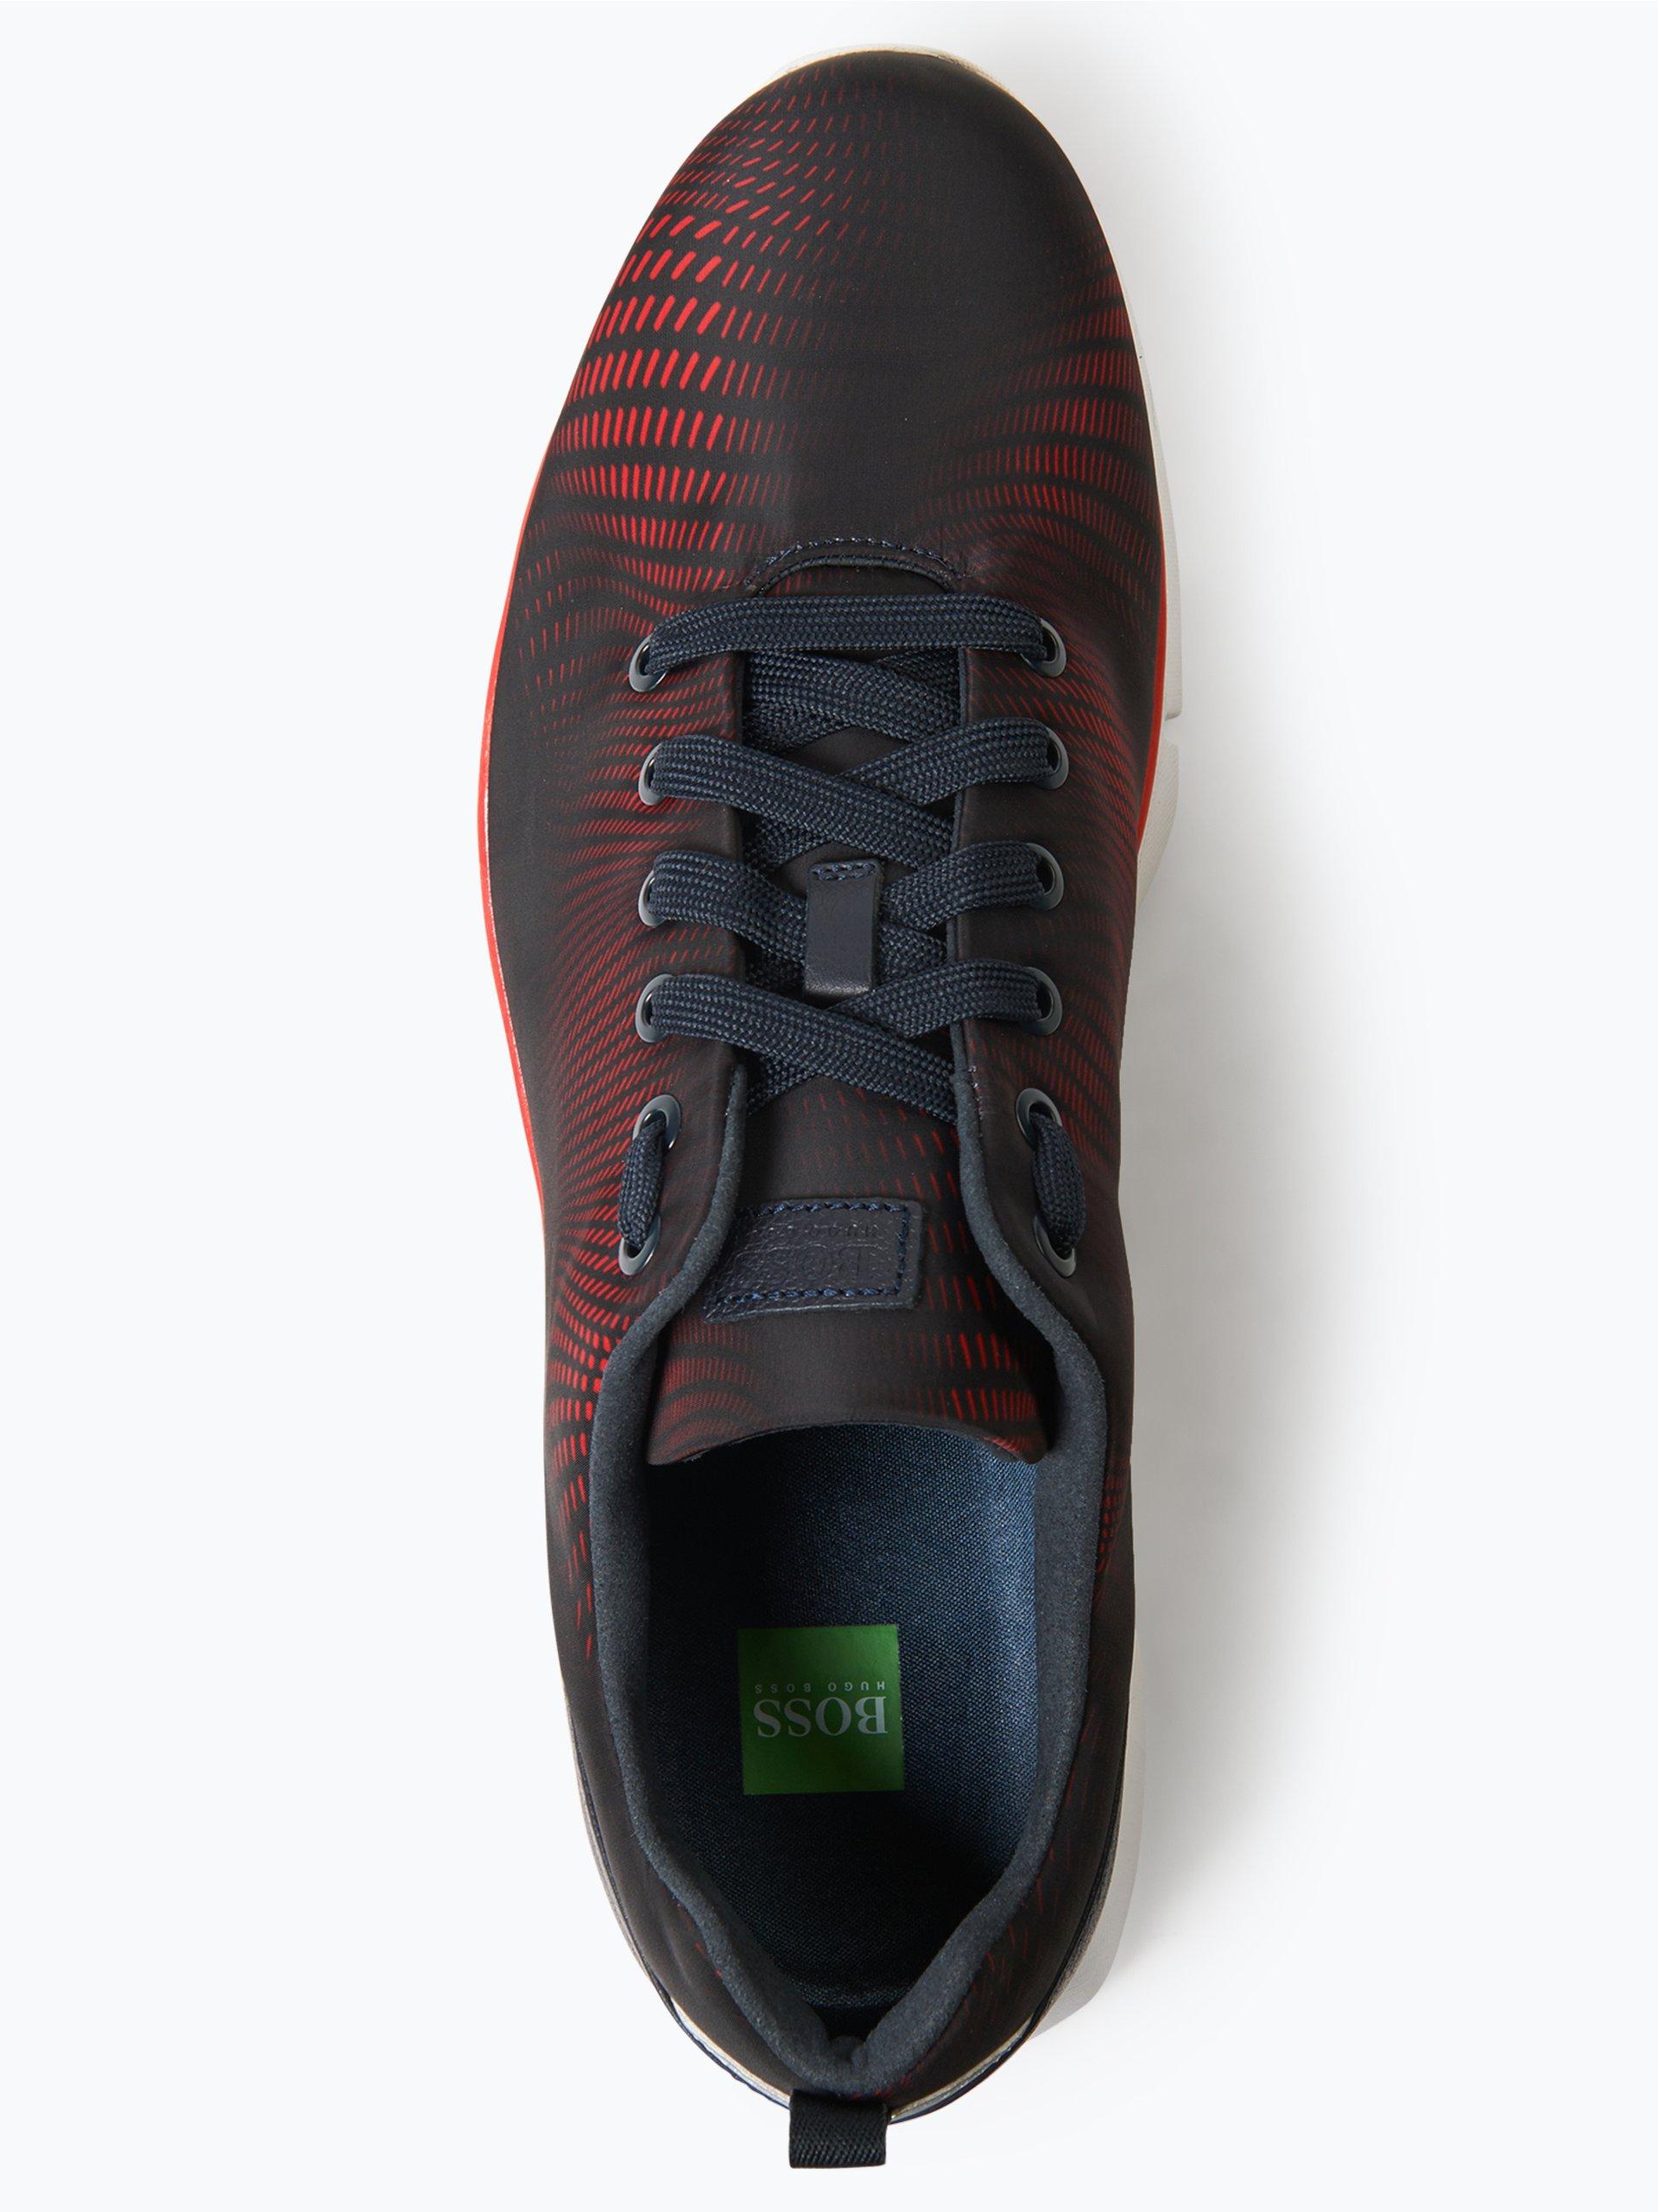 BOSS Menswear Athleisure Herren Sneaker mit Leder-Besatz - Gym_Runn_nypr1